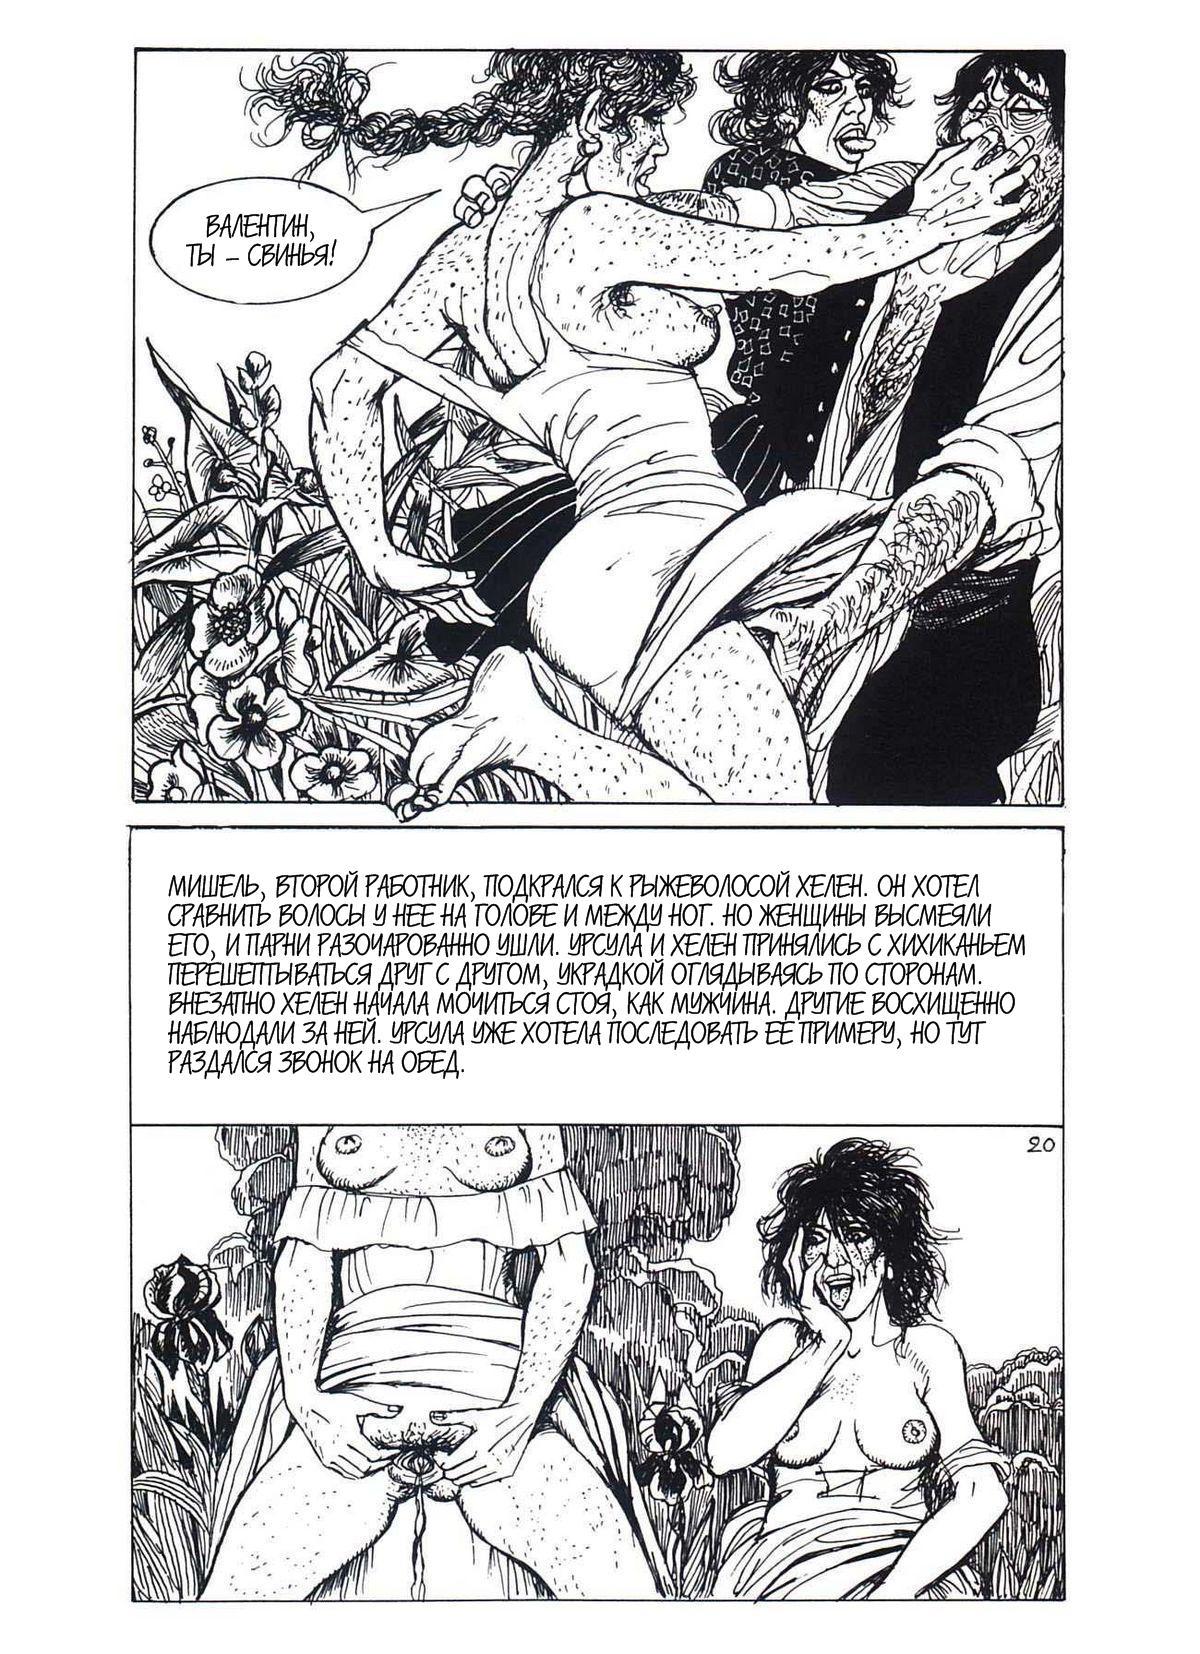 порно комикс похождения юного дон жуана